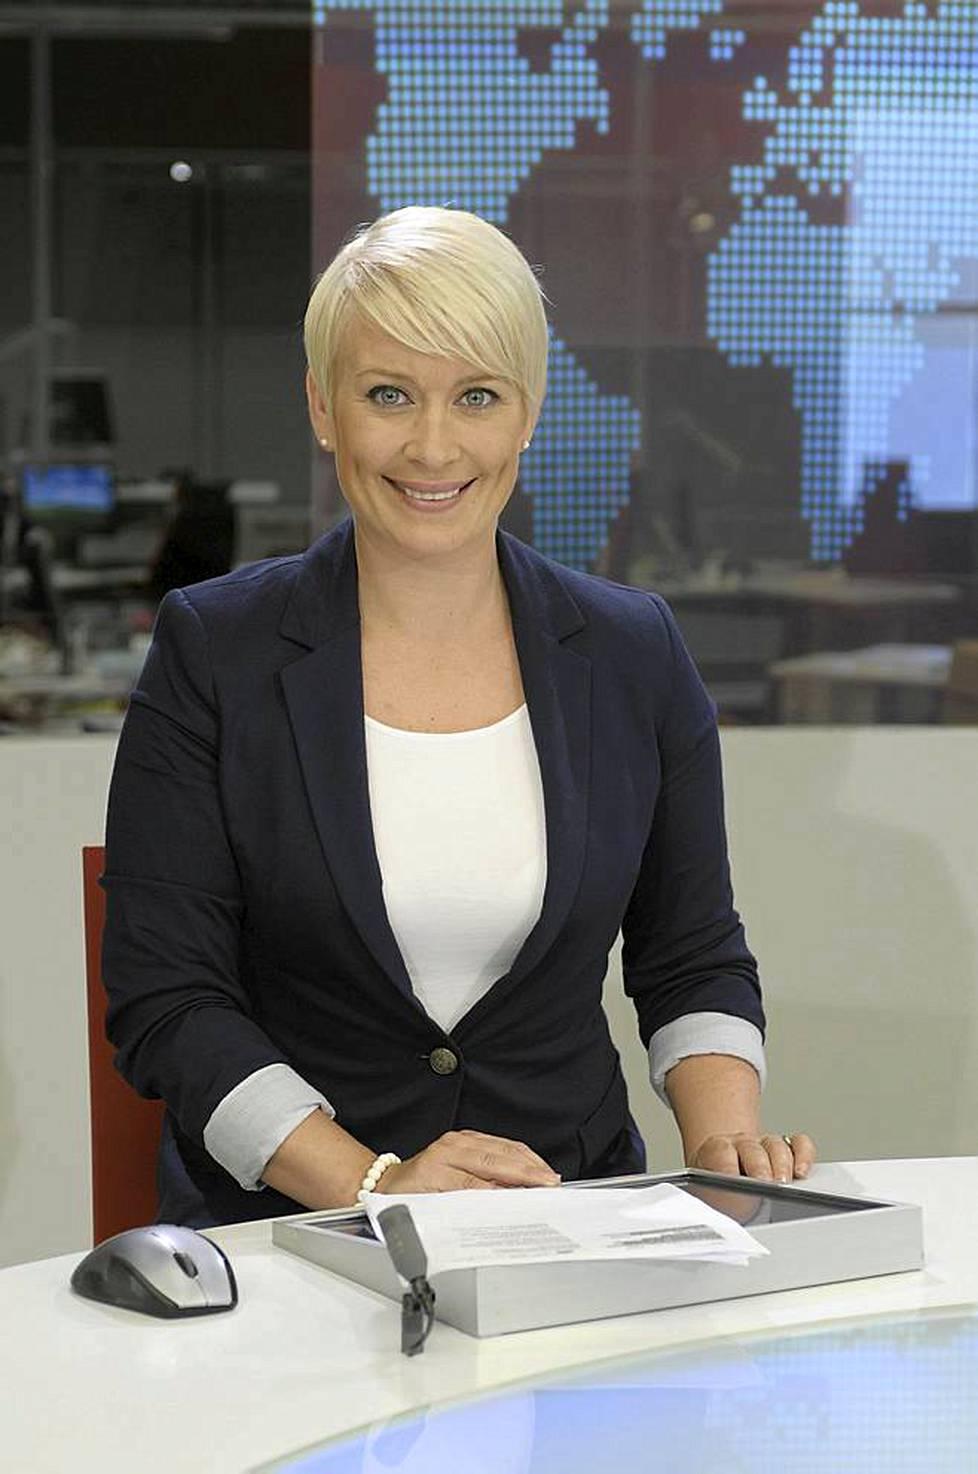 Äänestä kaikkien aikojen uutisankkuri! - Viihde - Ilta-Sanomat